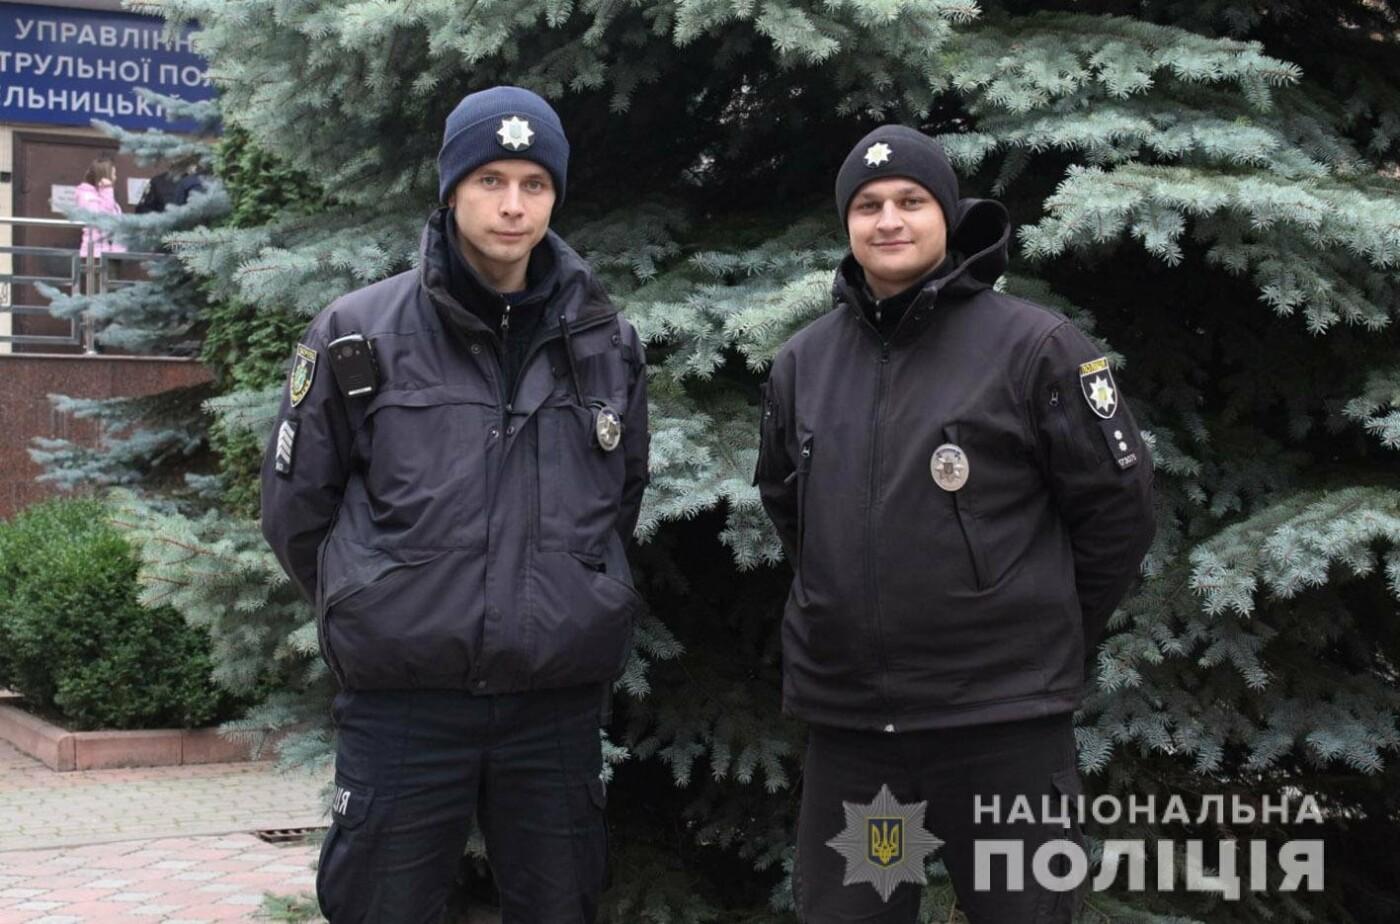 У Хмельницькому громадяни допомогли затримати зловмисника, який пограбував кафе на 40 тисяч гривень , фото-3